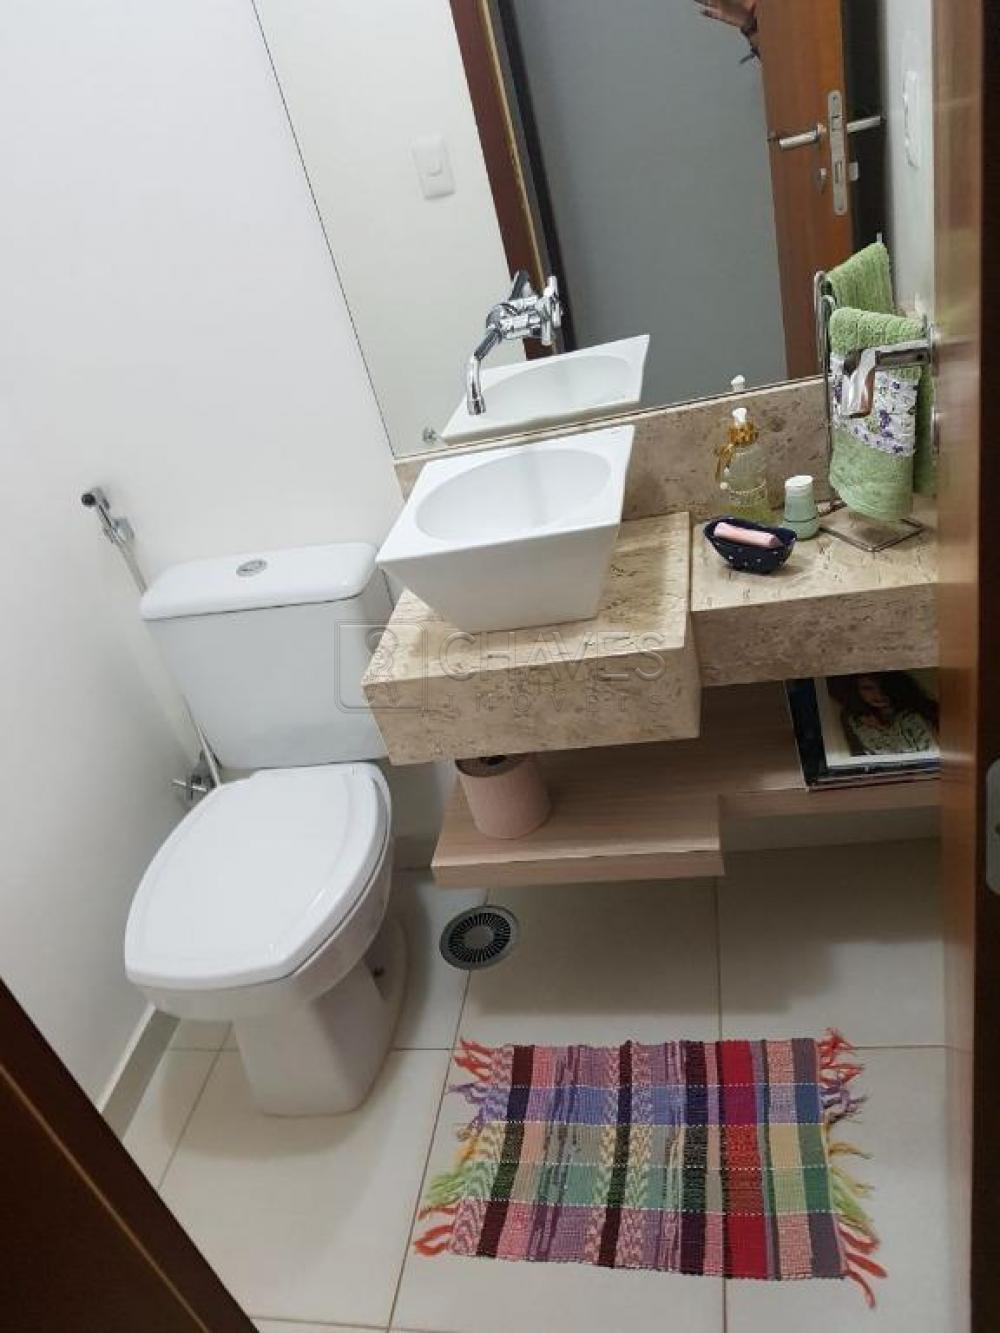 Comprar Apartamento / Padrão em Ribeirão Preto apenas R$ 700.000,00 - Foto 7